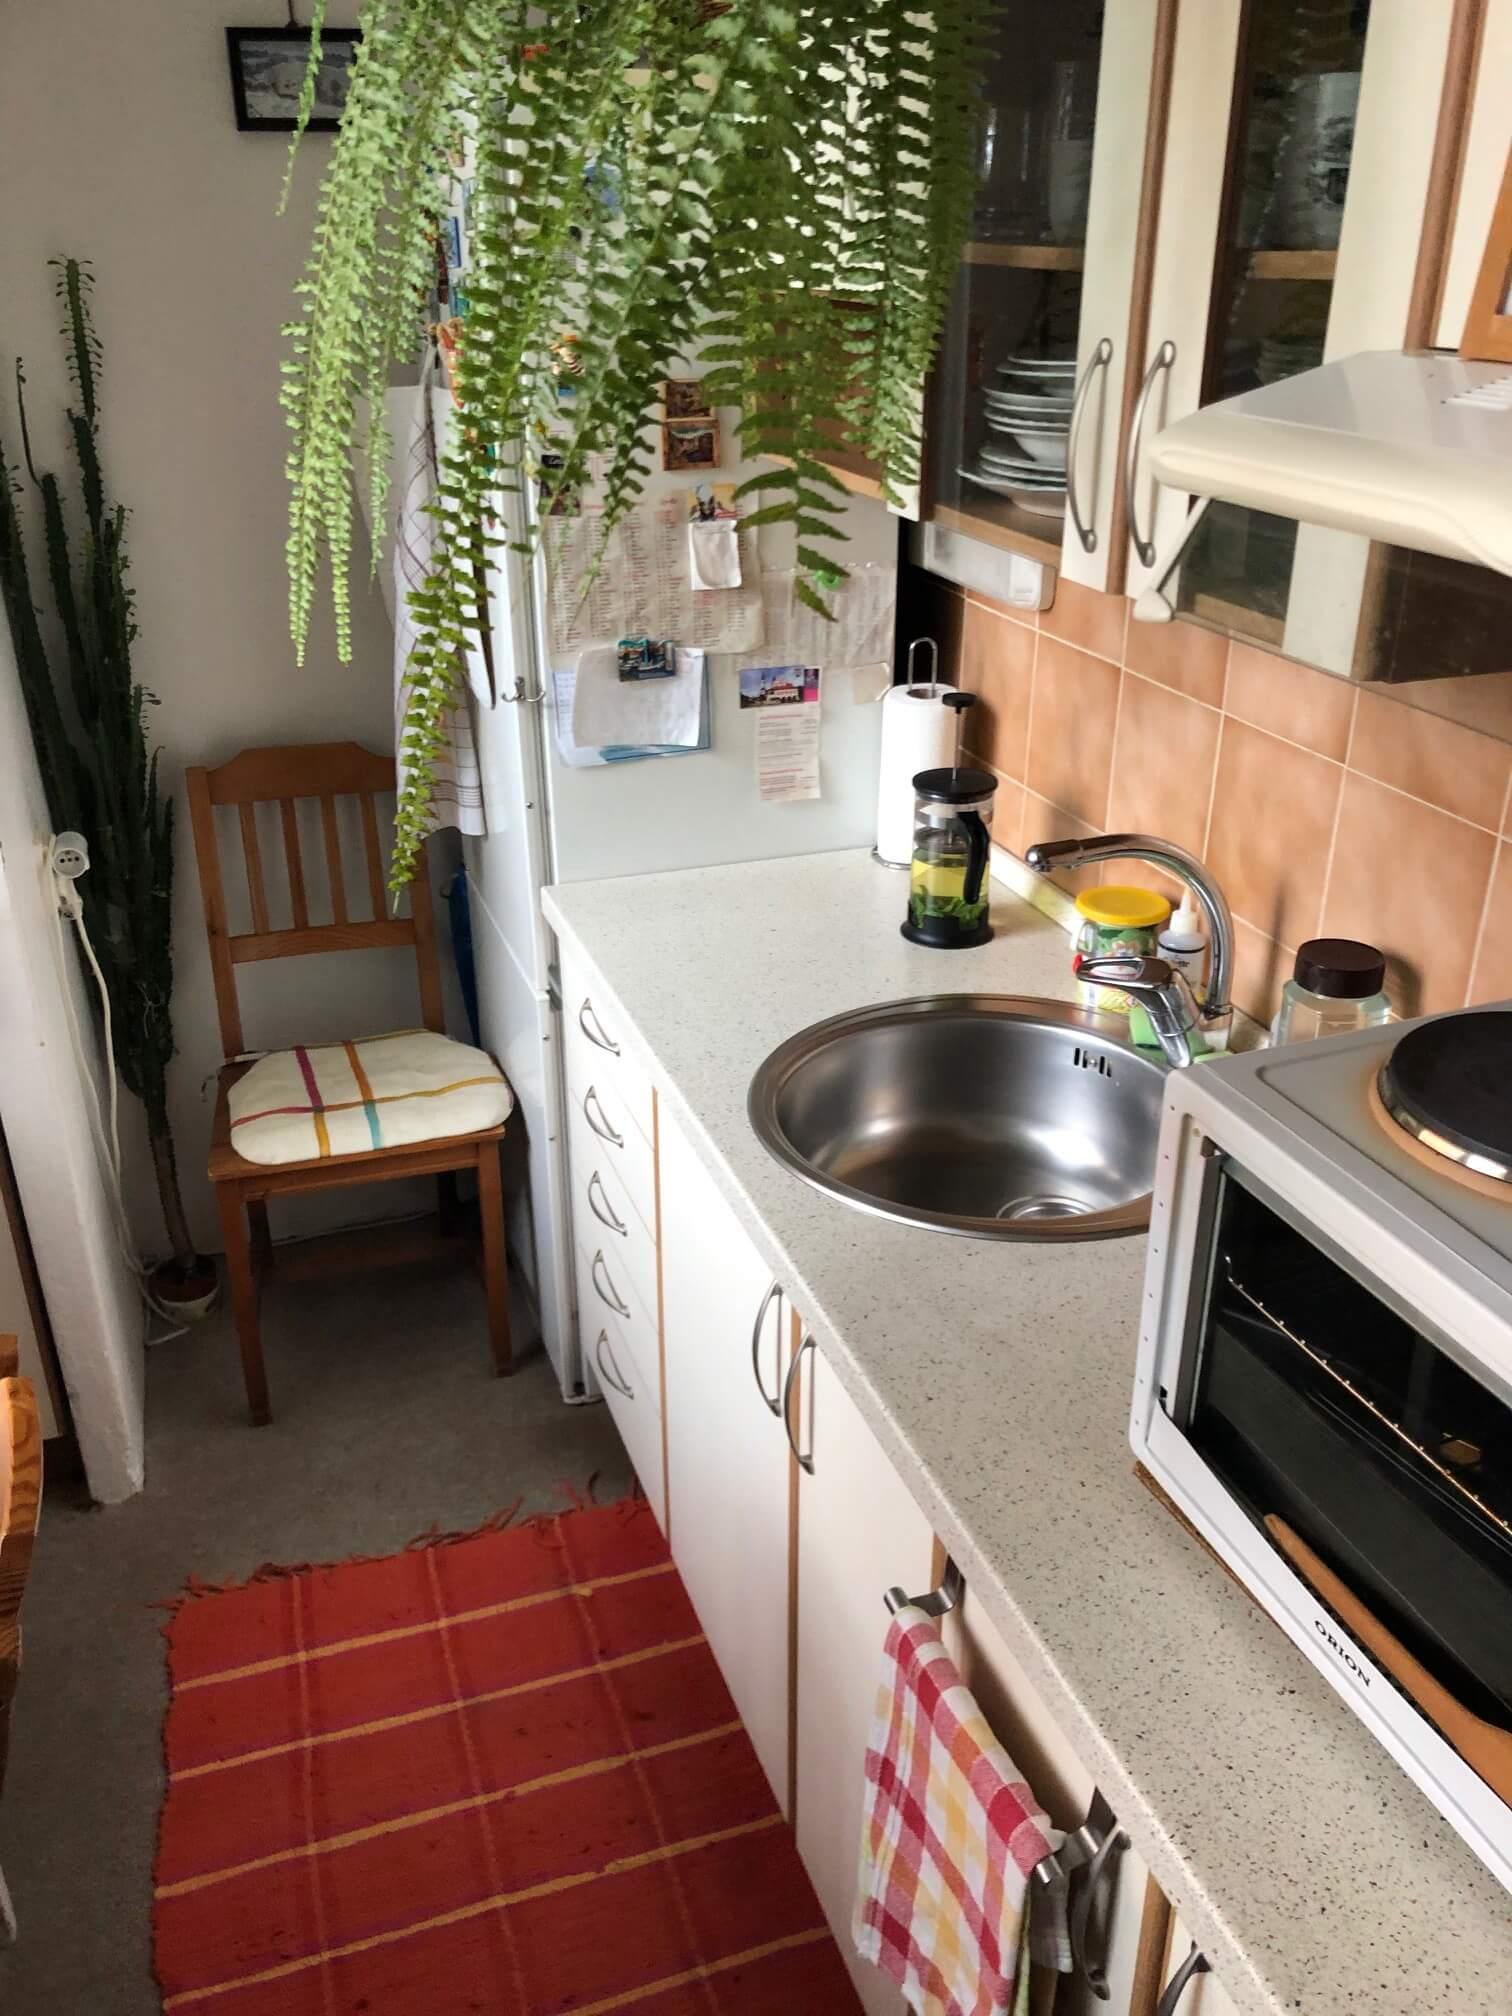 Predaný: 1 izbový byt, Ipeľská, Bratislava, 38m2, nízke náklady, parkovanie, vynikajúca občianska vybavenosť-11